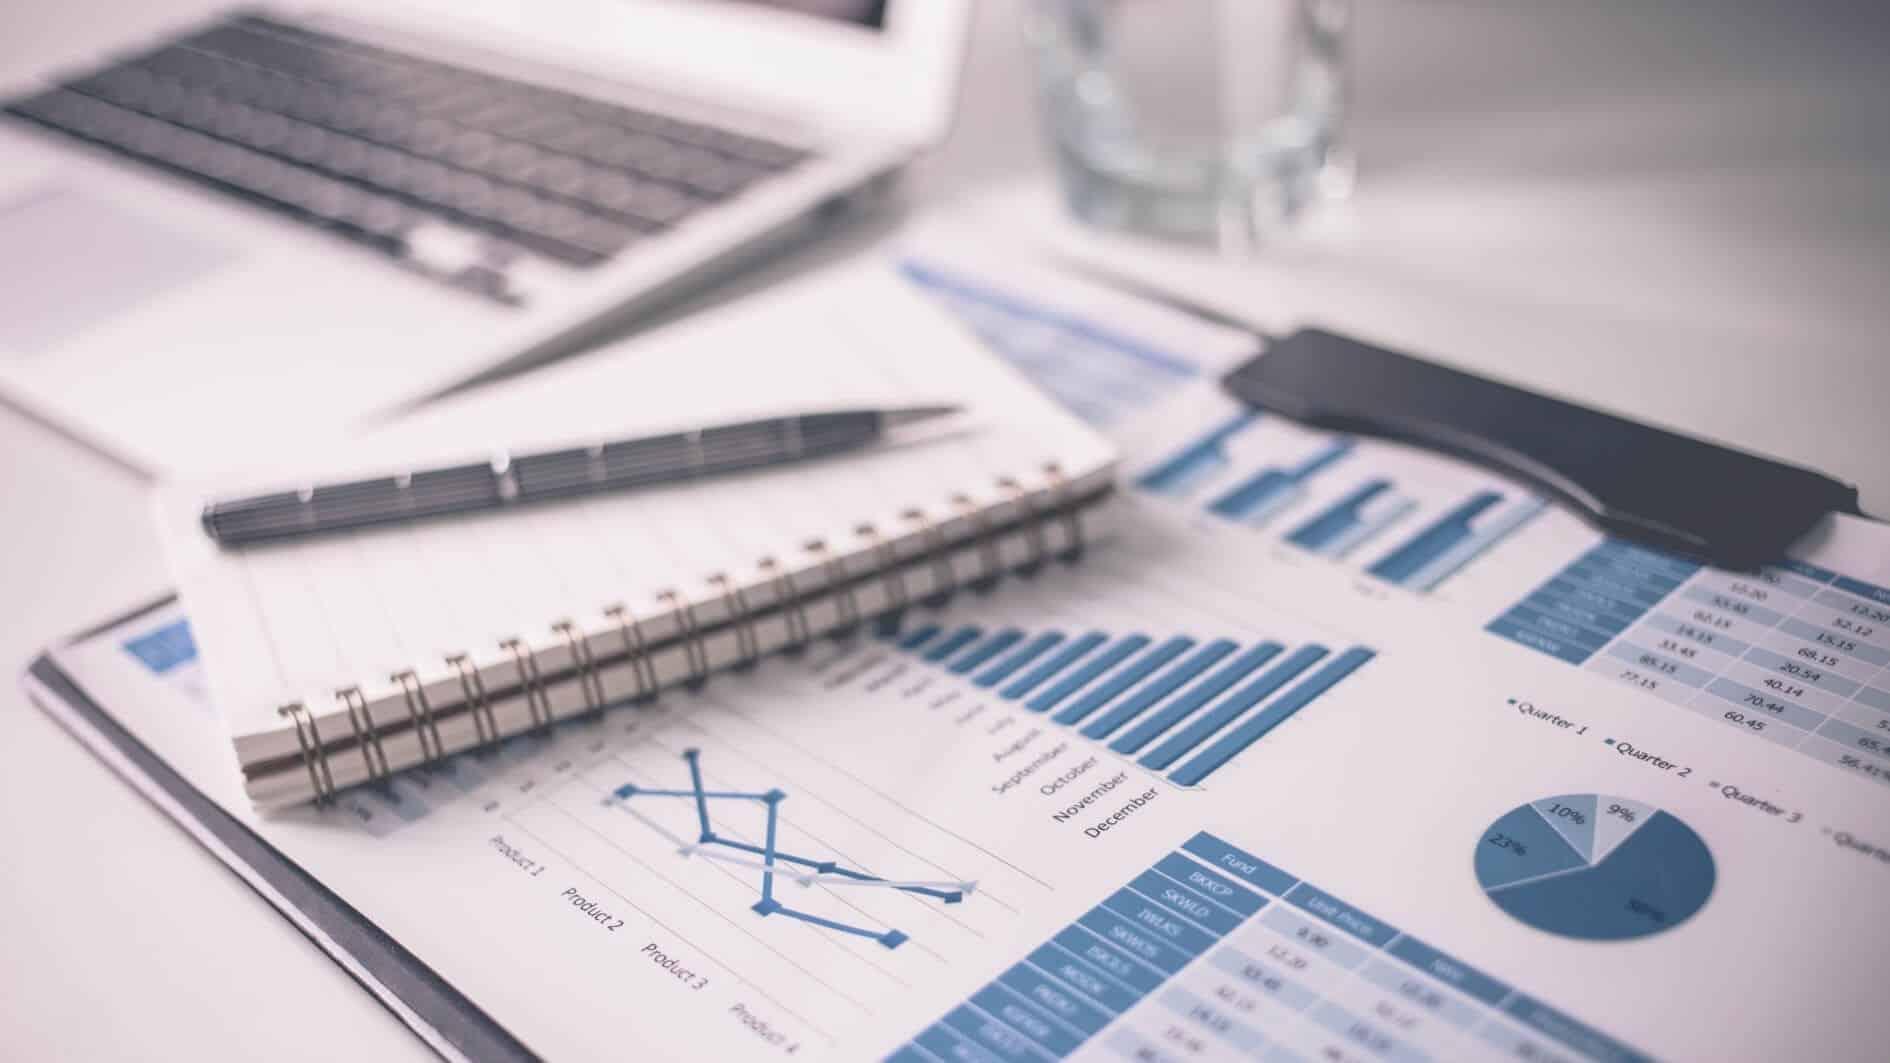 5 Hal Penting Terkait Laporan Keuangan Yang Dibutuhkan Perusahaan